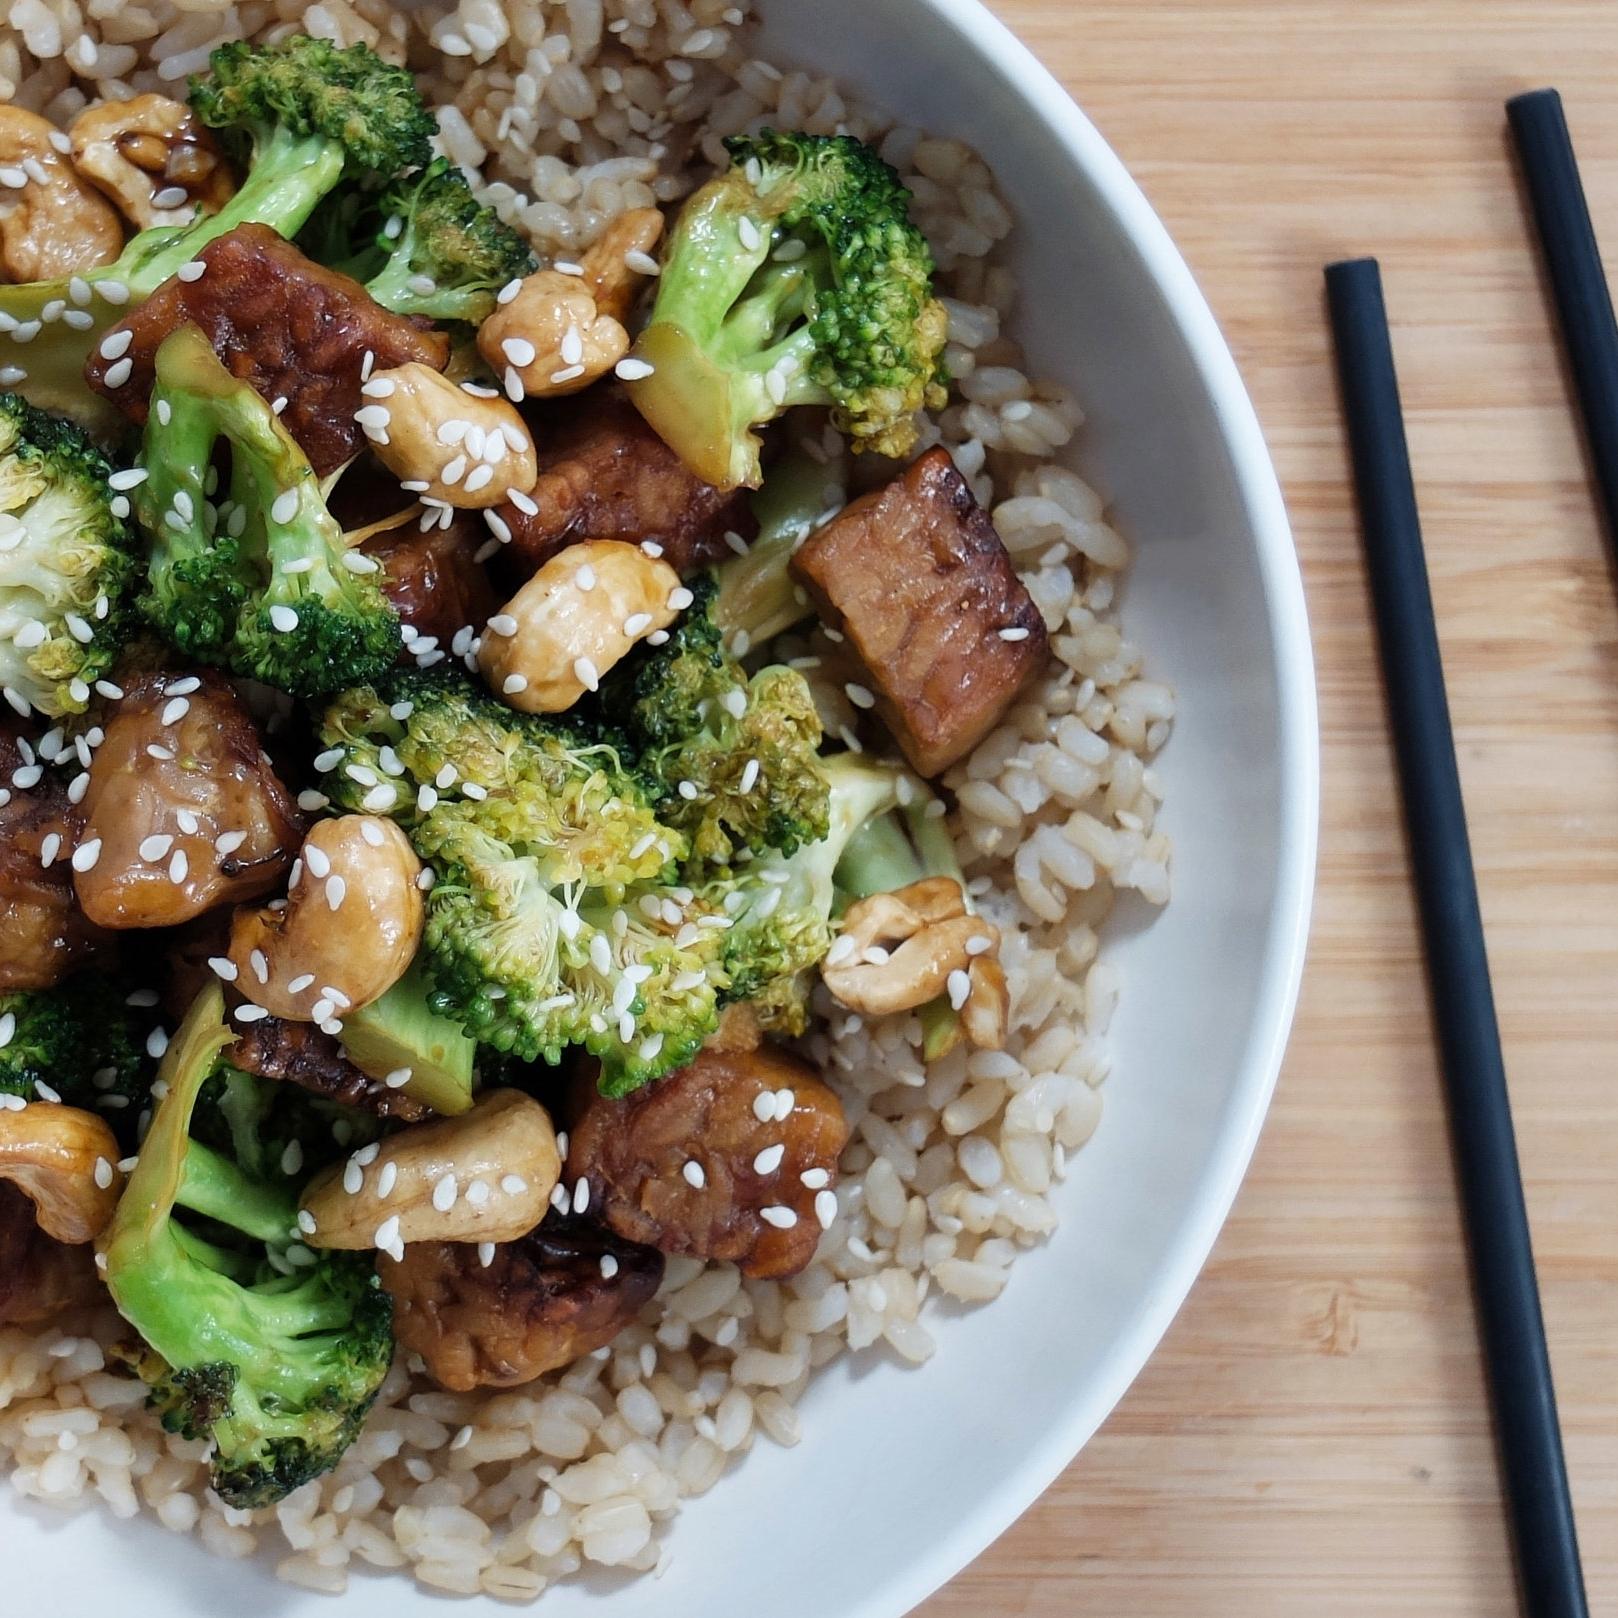 'Beef' & Broccoli Bowl - Sweet & savoury stir-fry